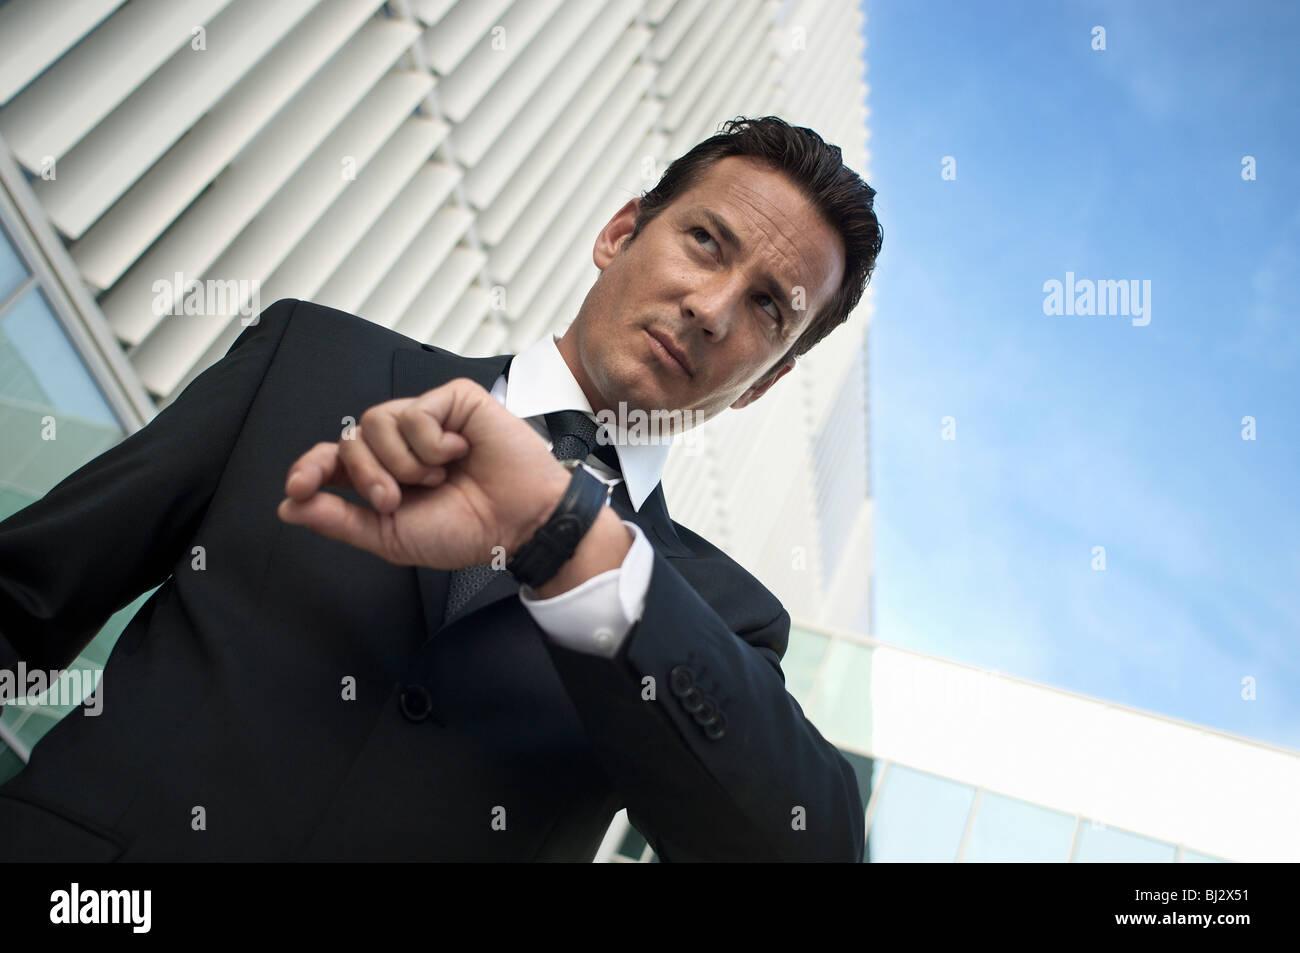 El empresario mantener la Hora con reloj Imagen De Stock